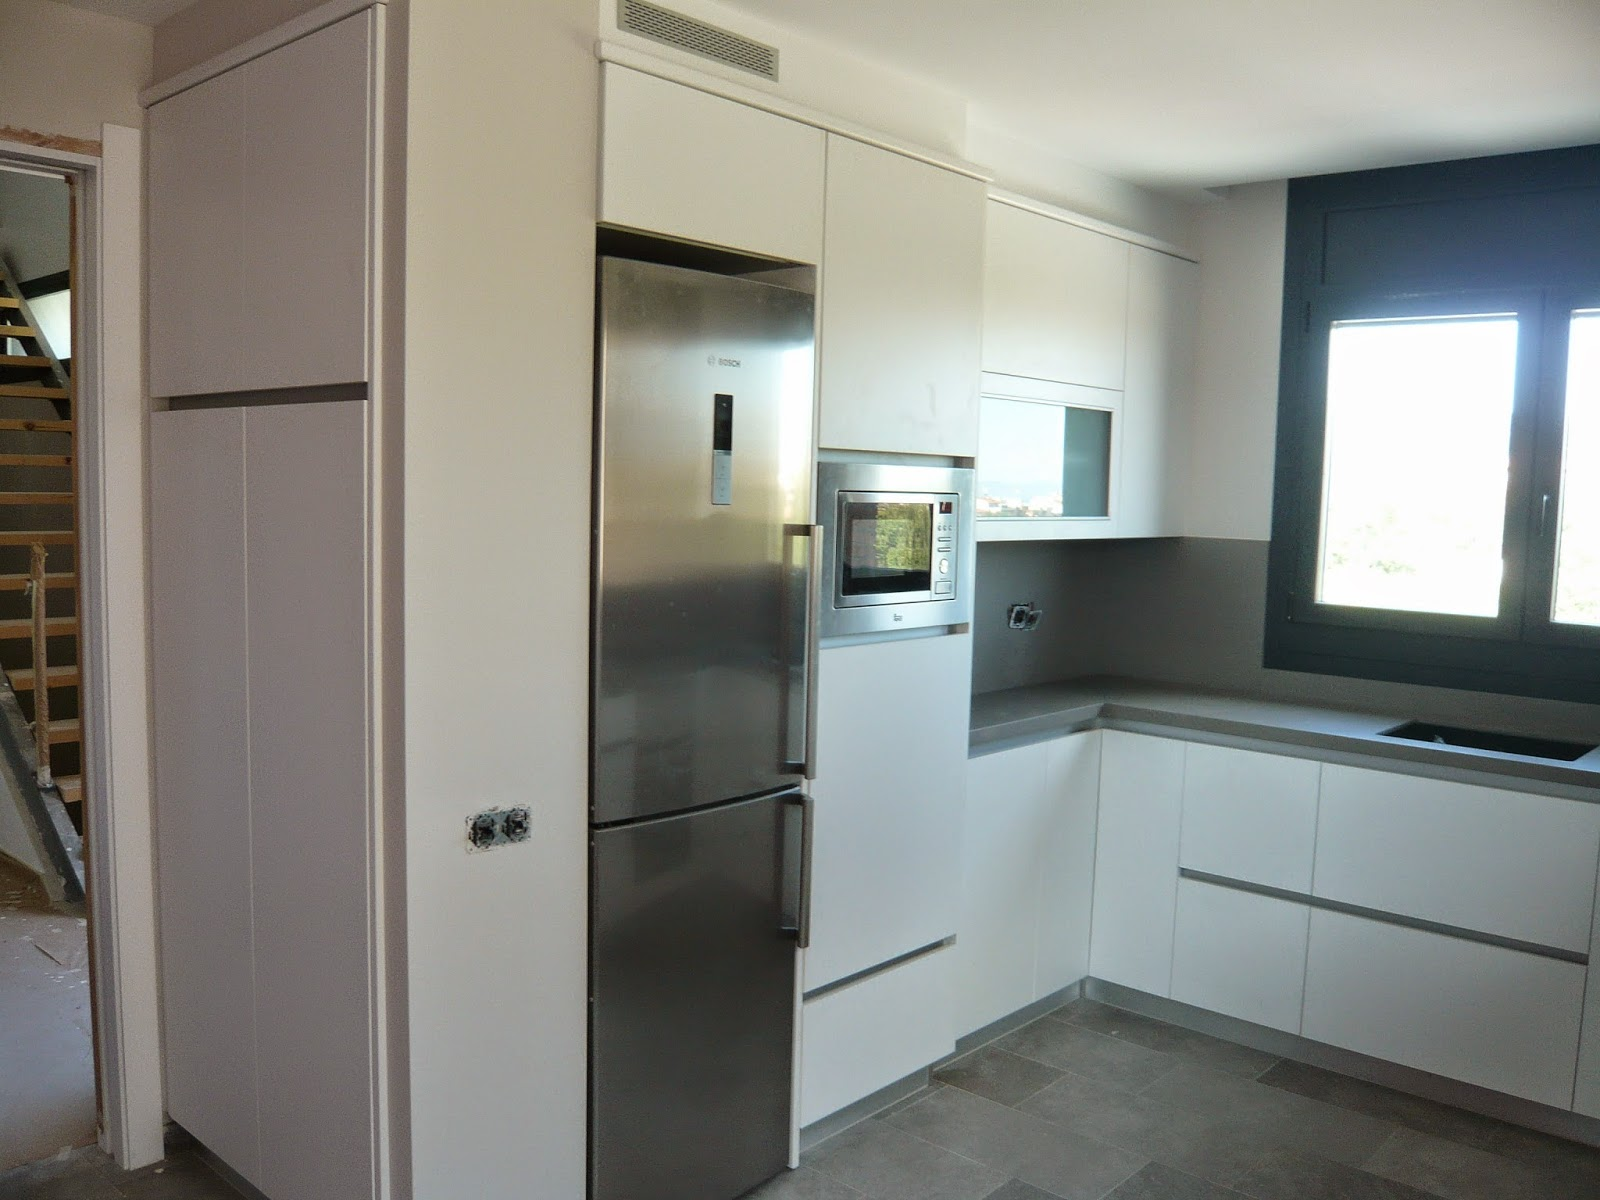 Reuscuina muebles de cocina formica blanca sin tiradores for Mueble para lavadora y lavavajillas